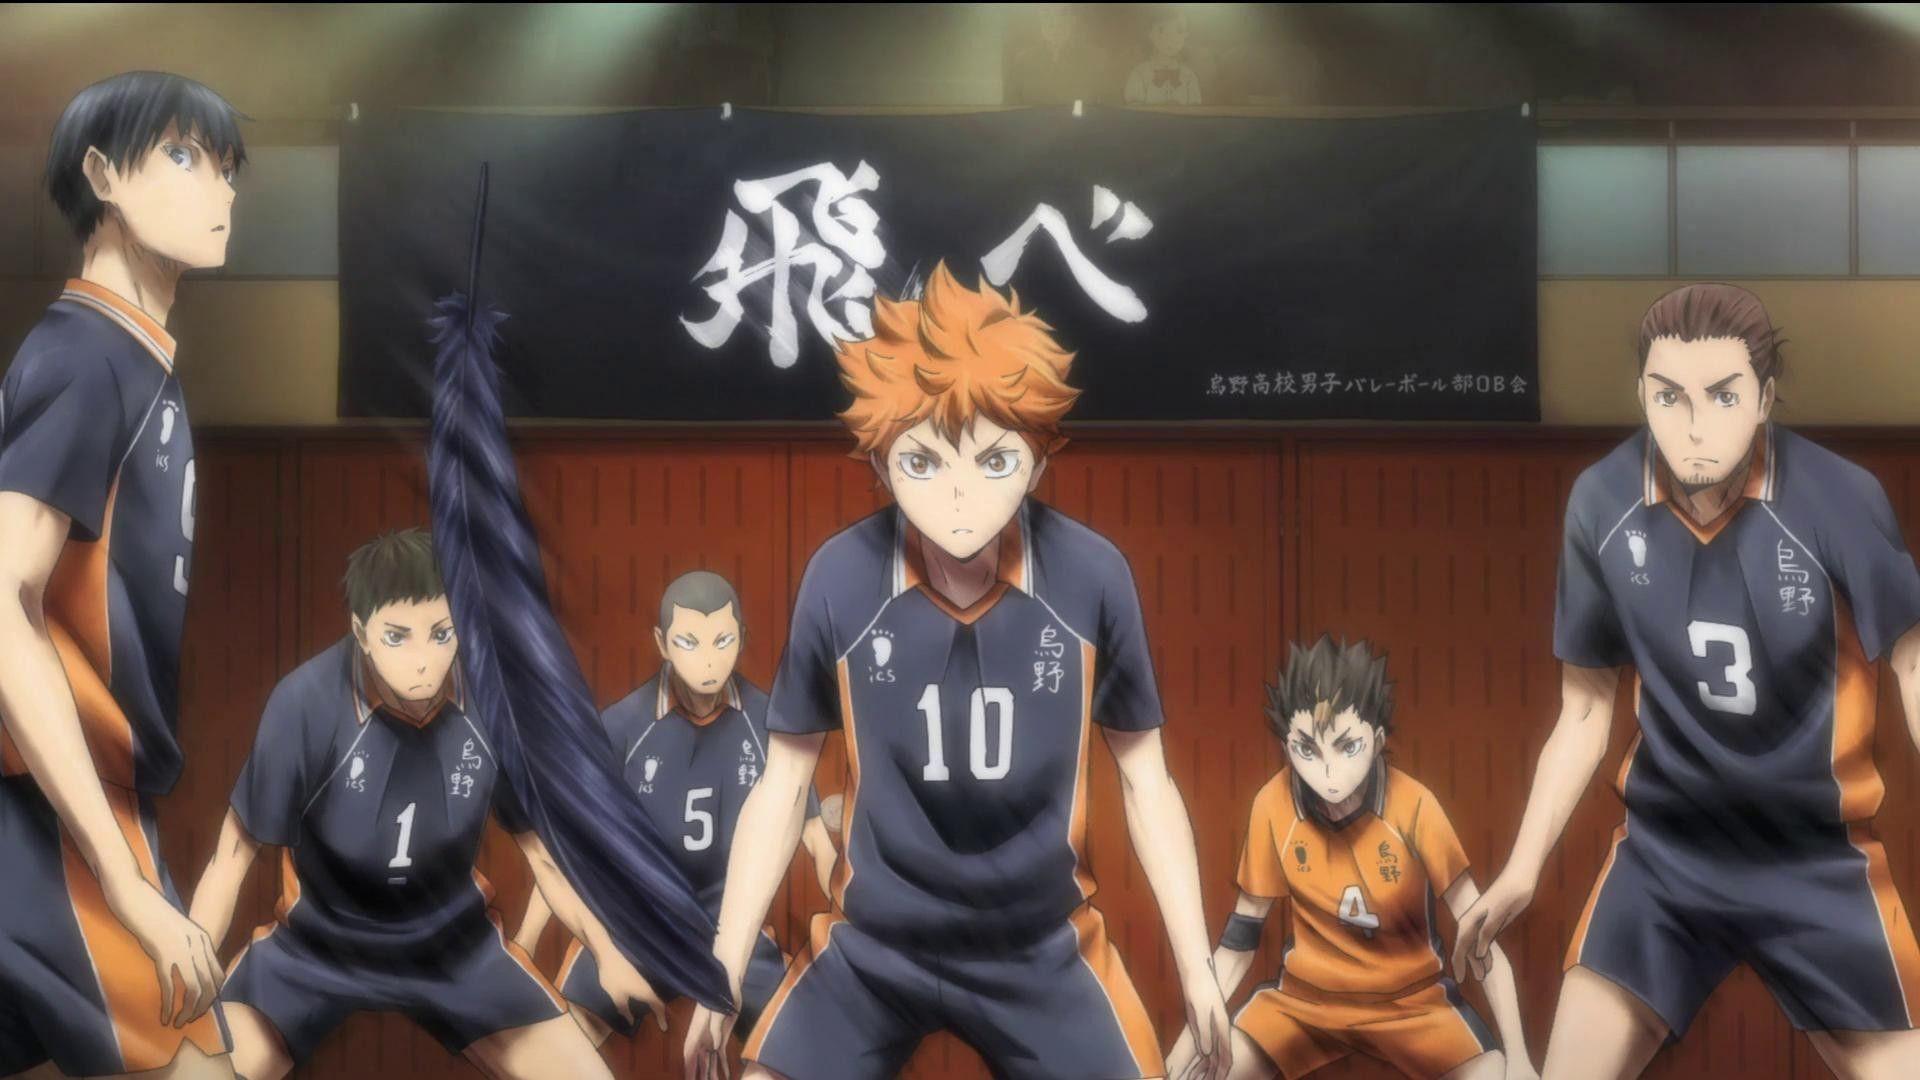 Haikyuu Season 4 Episode 1